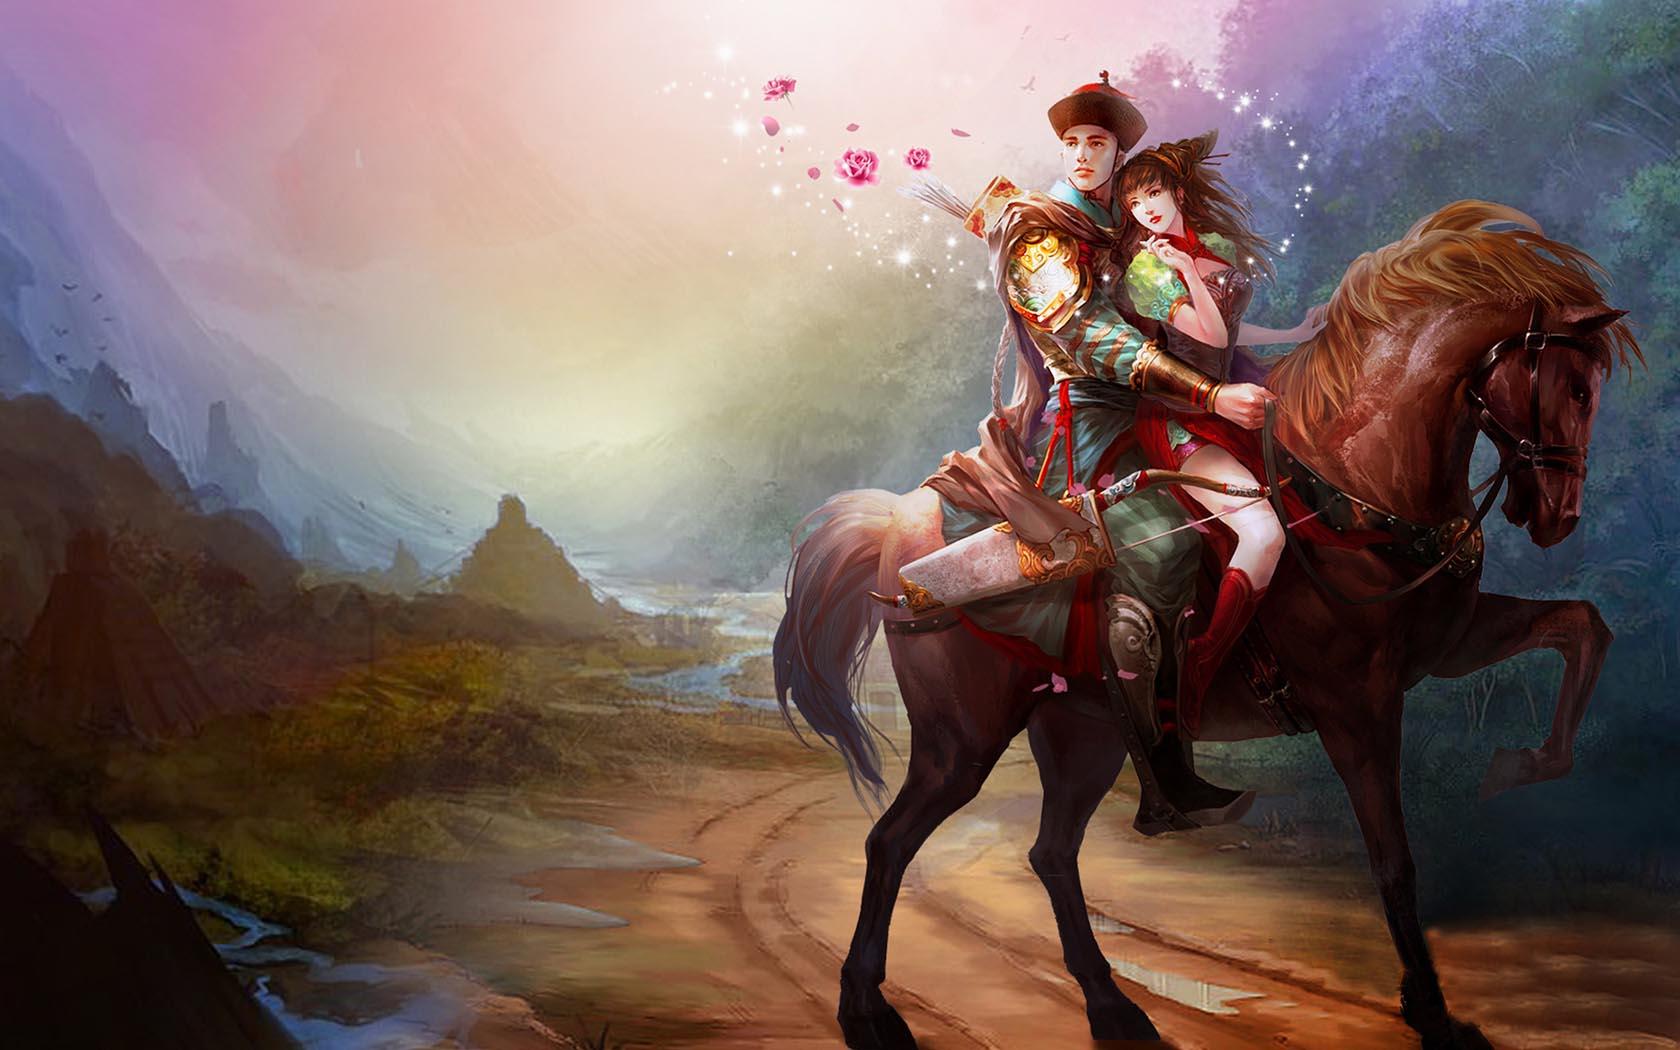 Hình nền về tình yêu lãng mạn